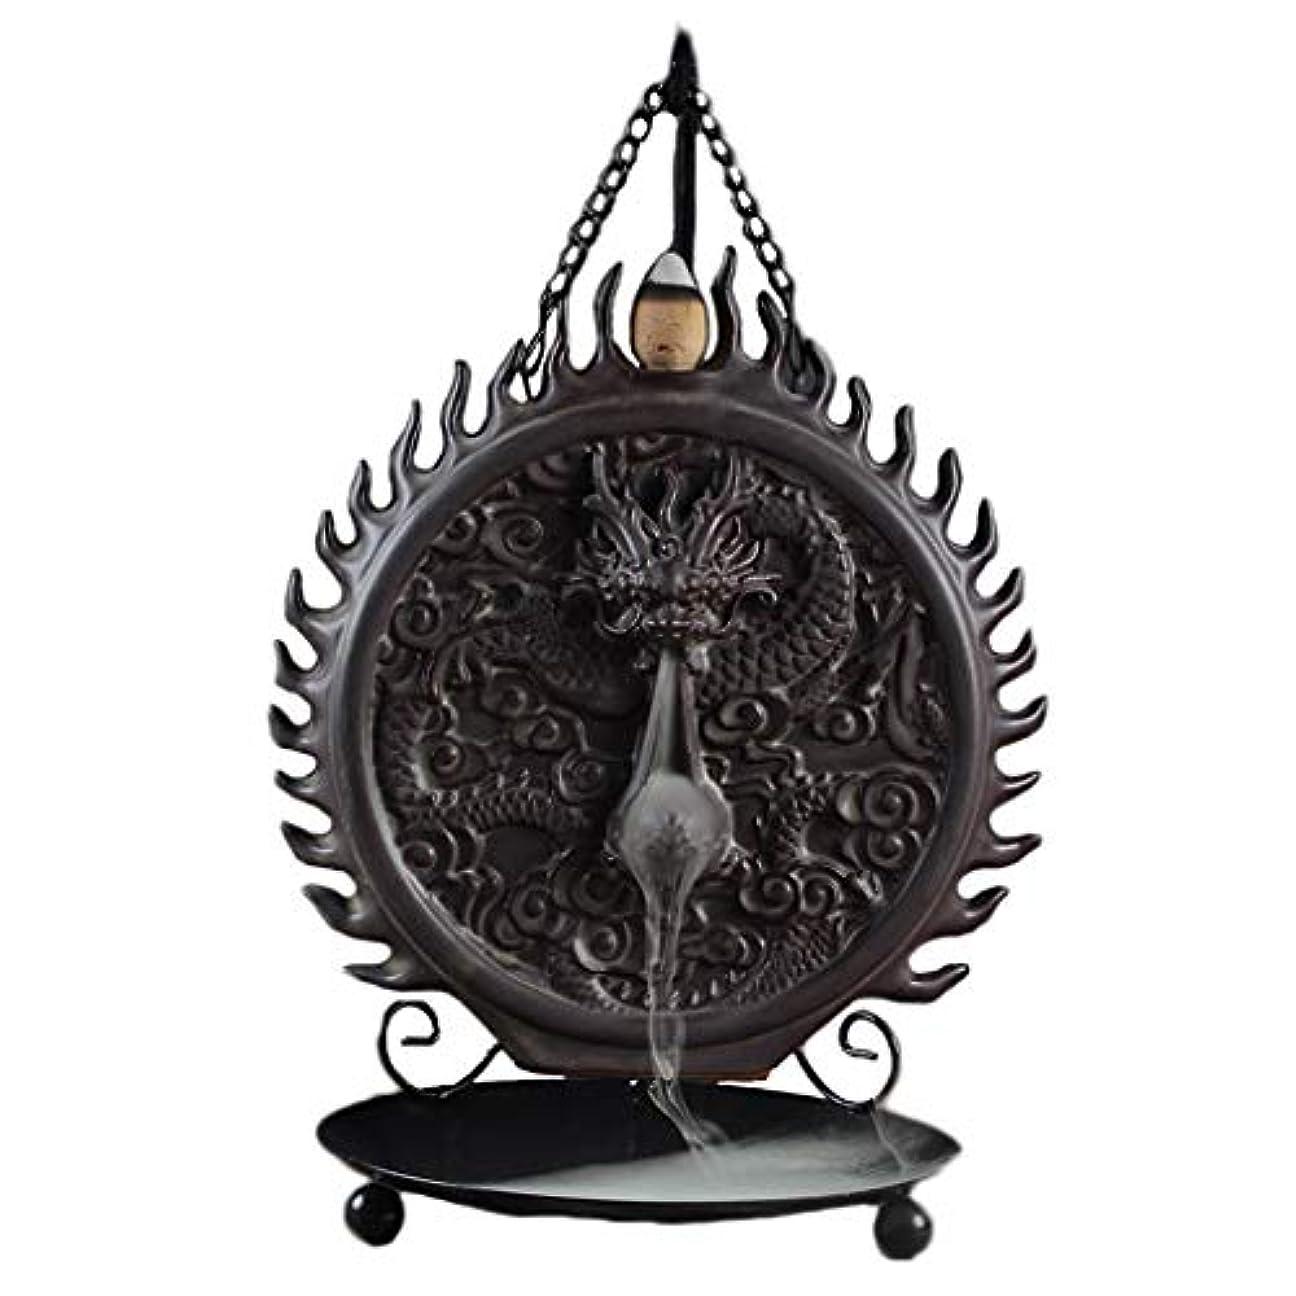 配る達成それぞれセラミックハンギング香炉バックフロードラゴンディスクホーム炉装飾香ホルダーアロマセラピー香バーナーホルダー (Color : Black, サイズ : 6.29*9.44inches)